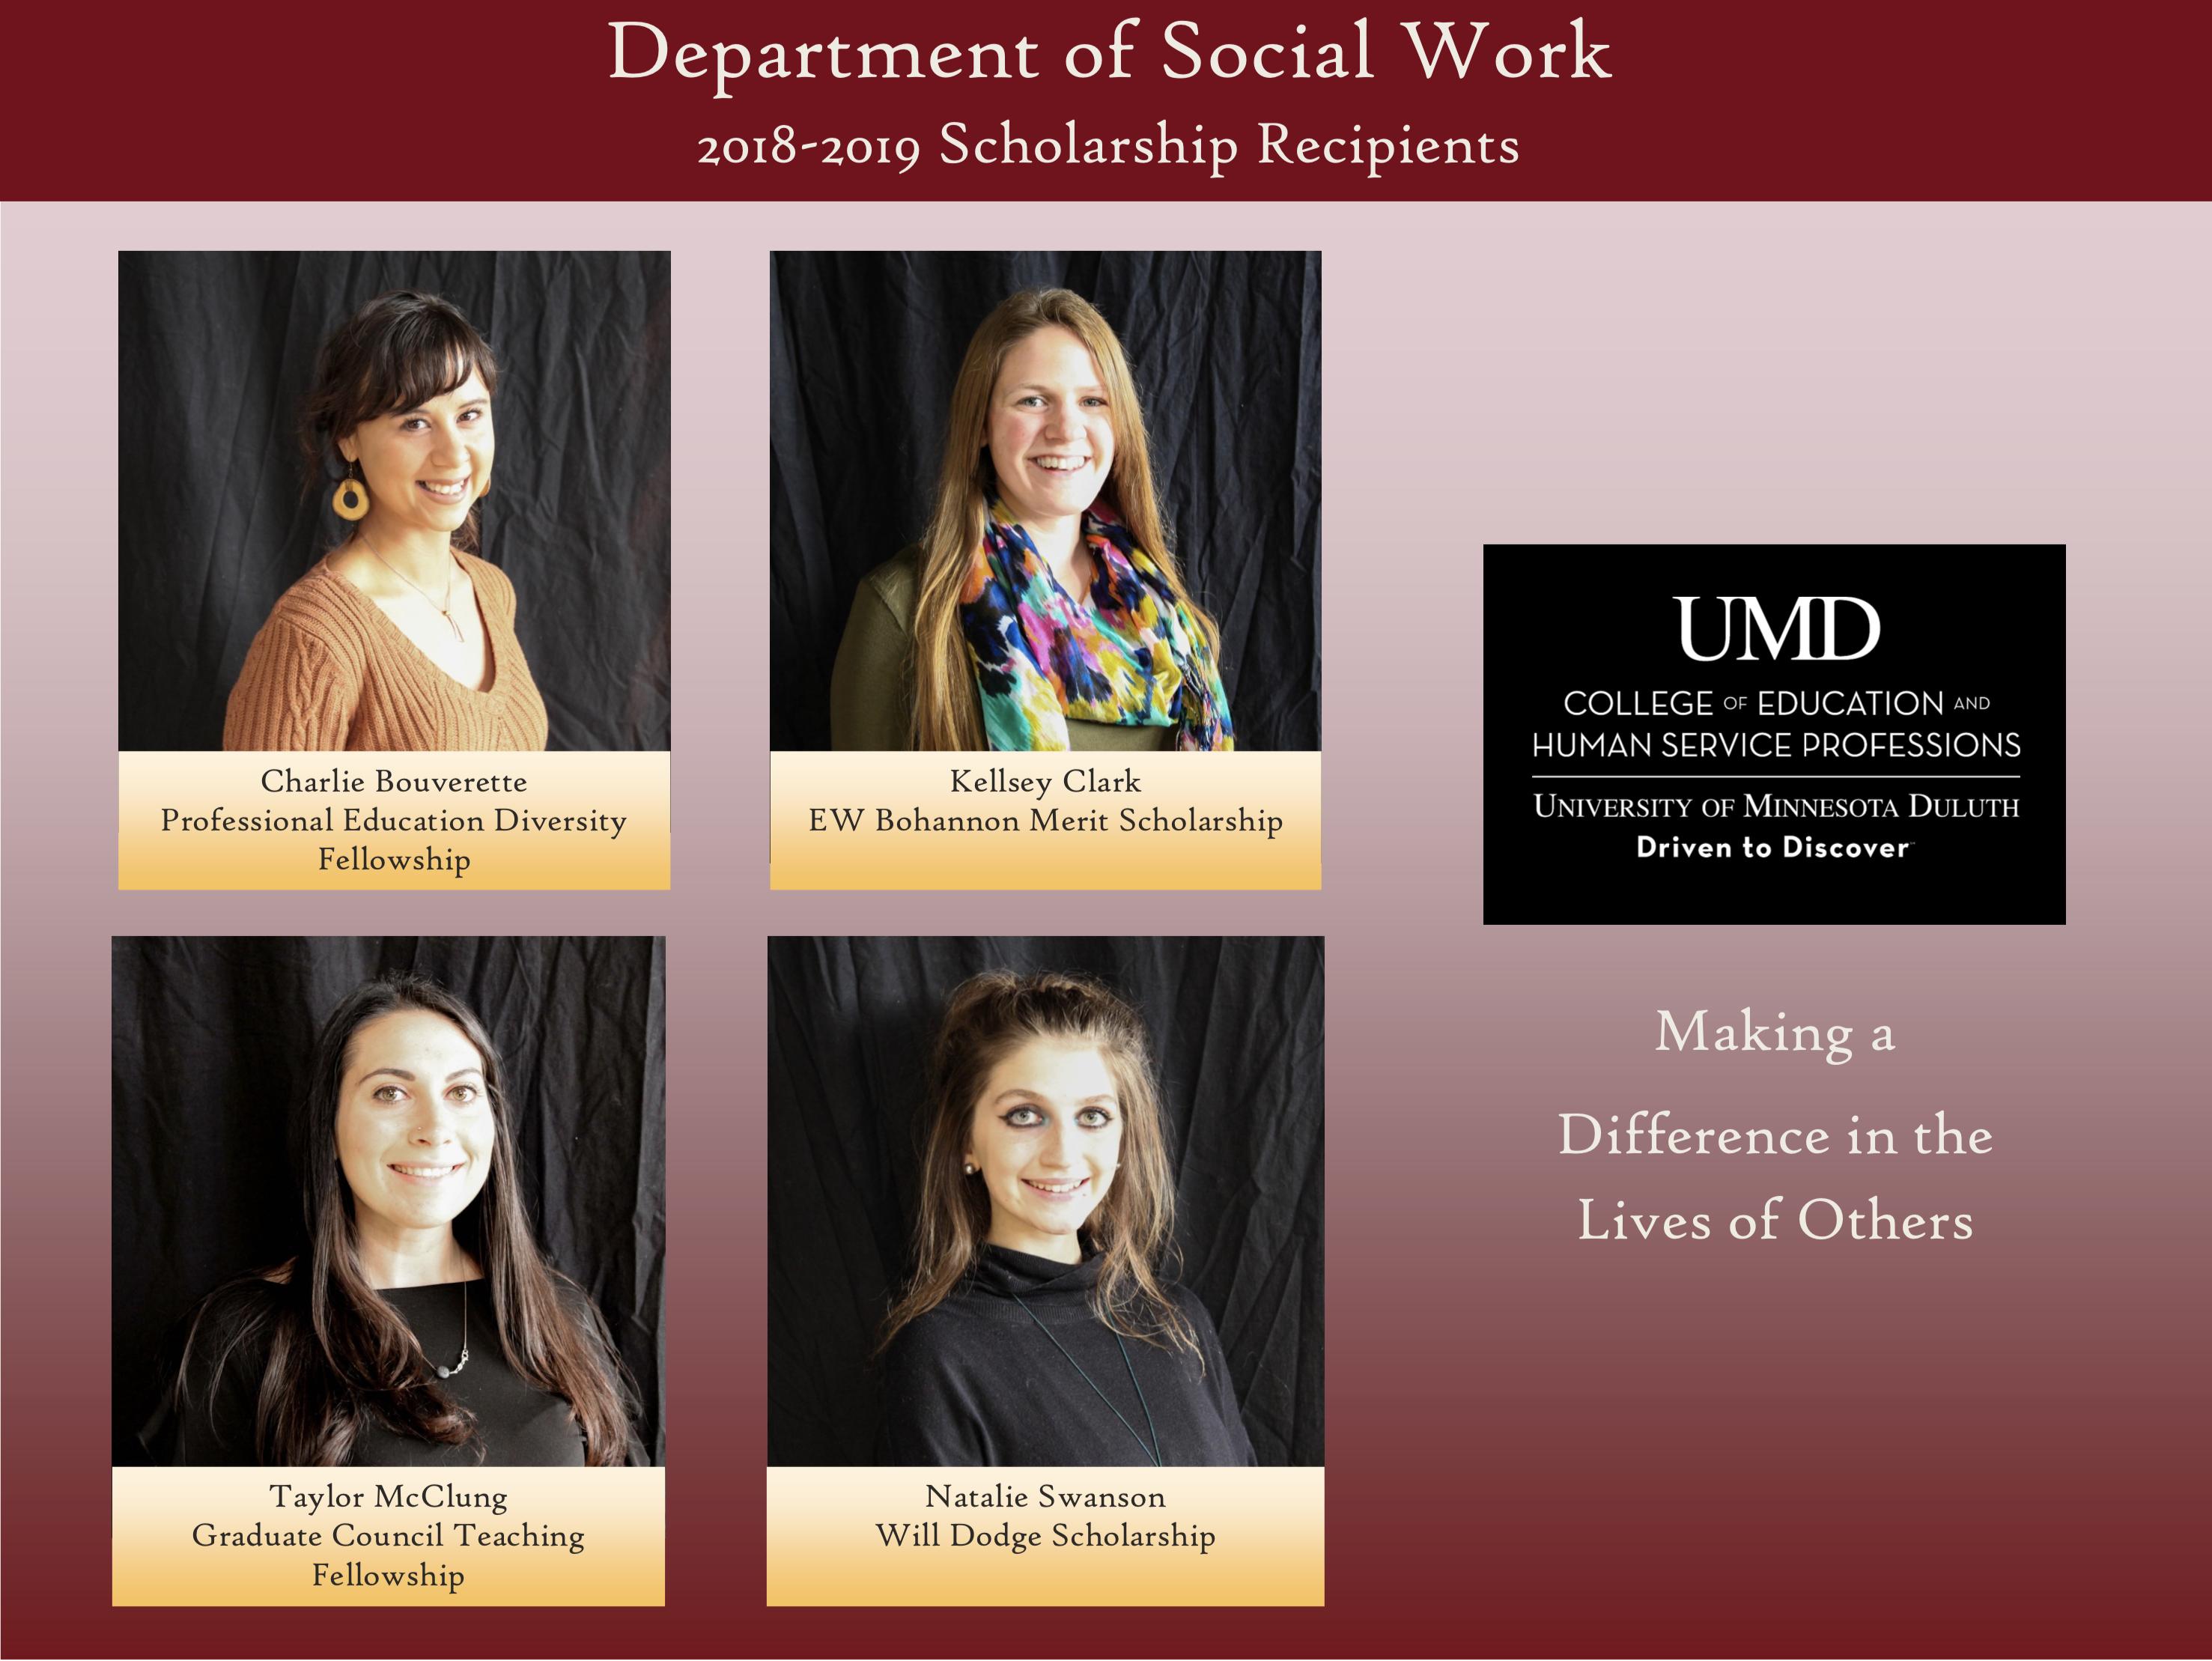 2018-19 UMD Social Work Department Scholarship Recipients